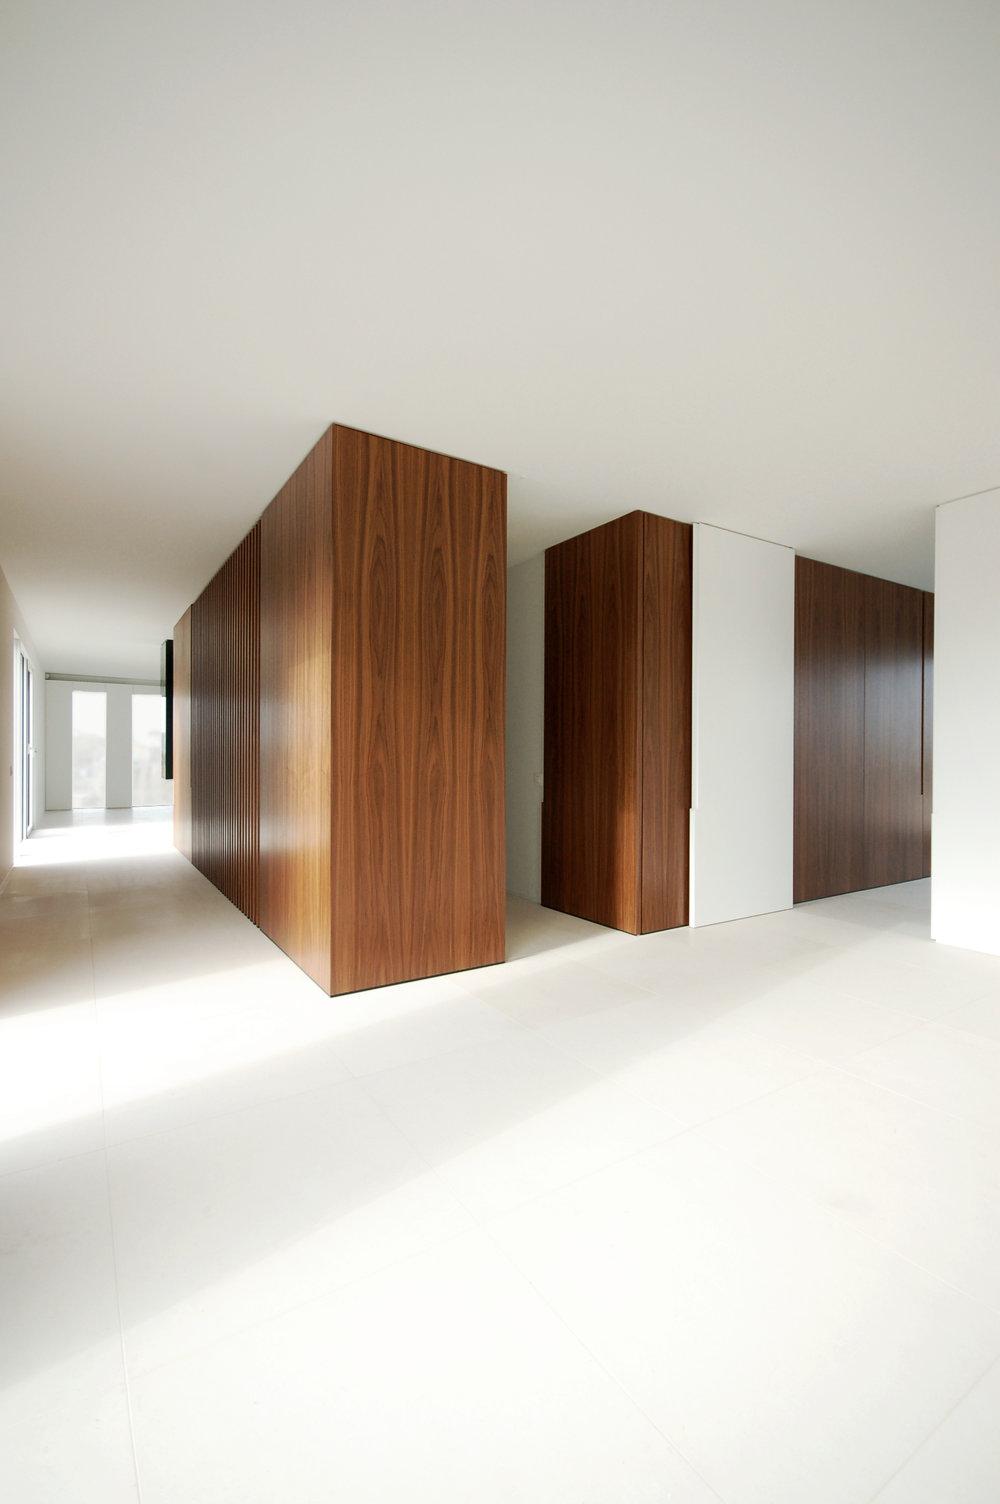 demeestervliegen-architecture-interior-interiorarchitecture-office15.jpg